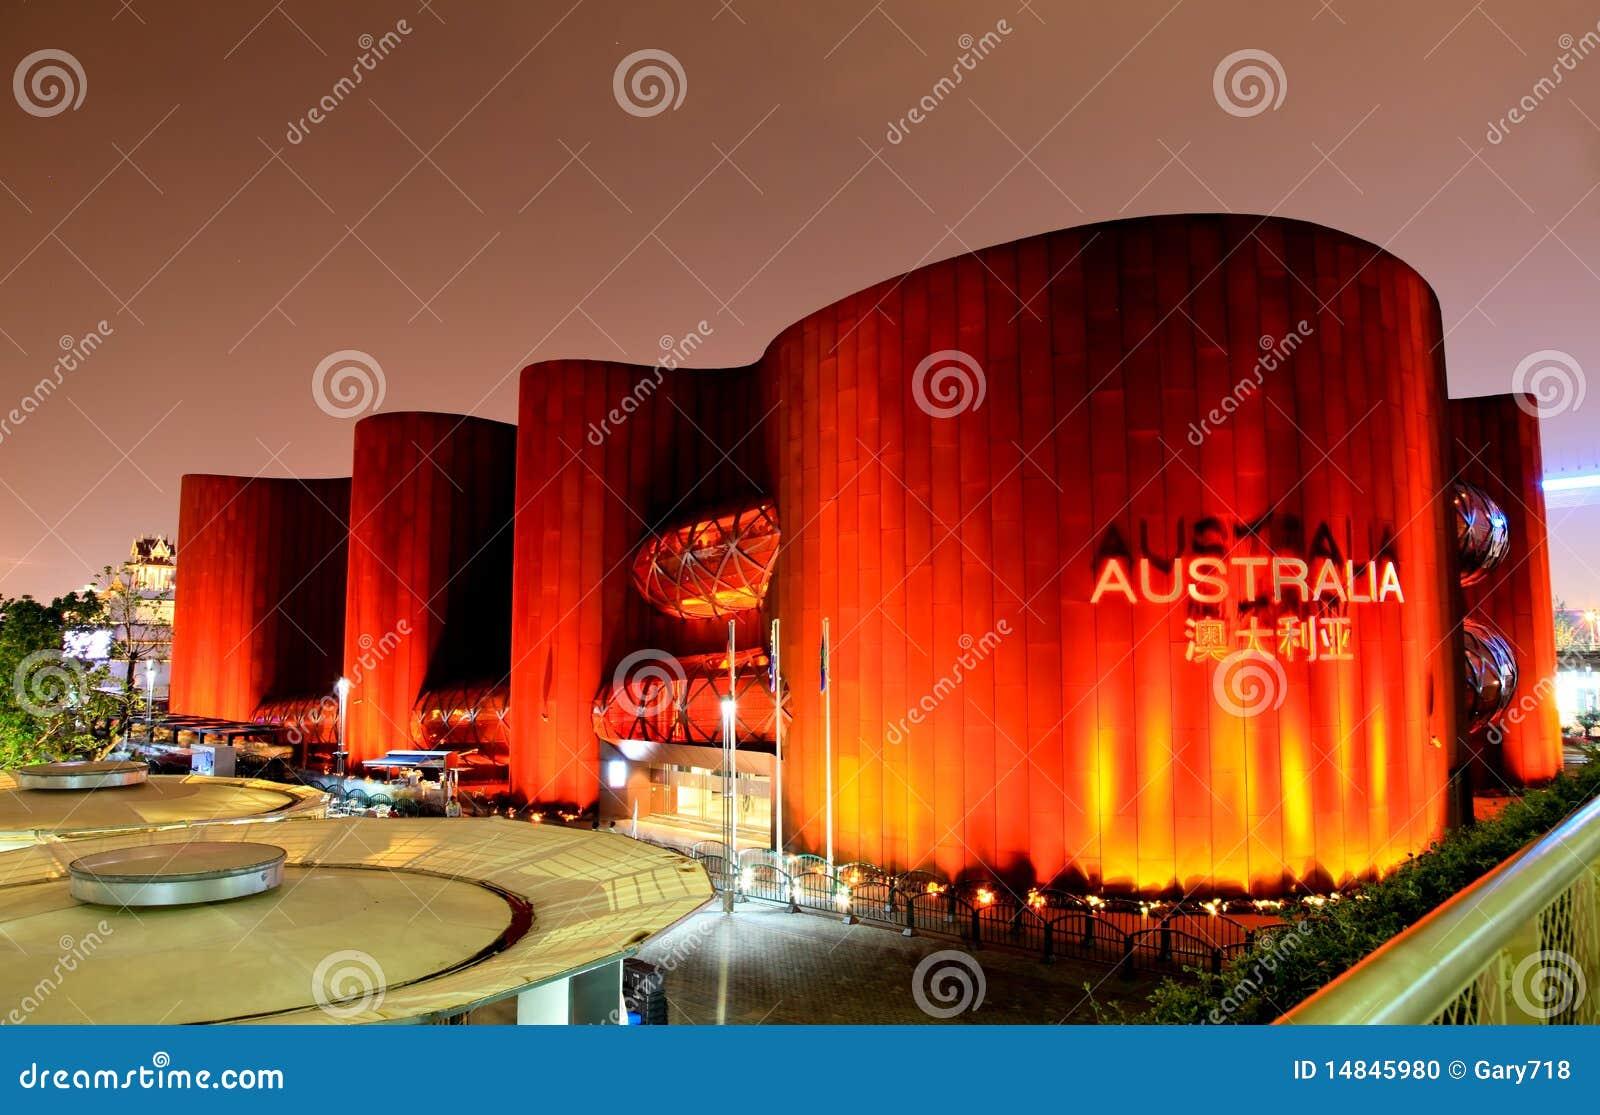 Der Australien-Pavillion an der Weltausstellung in Shanghai